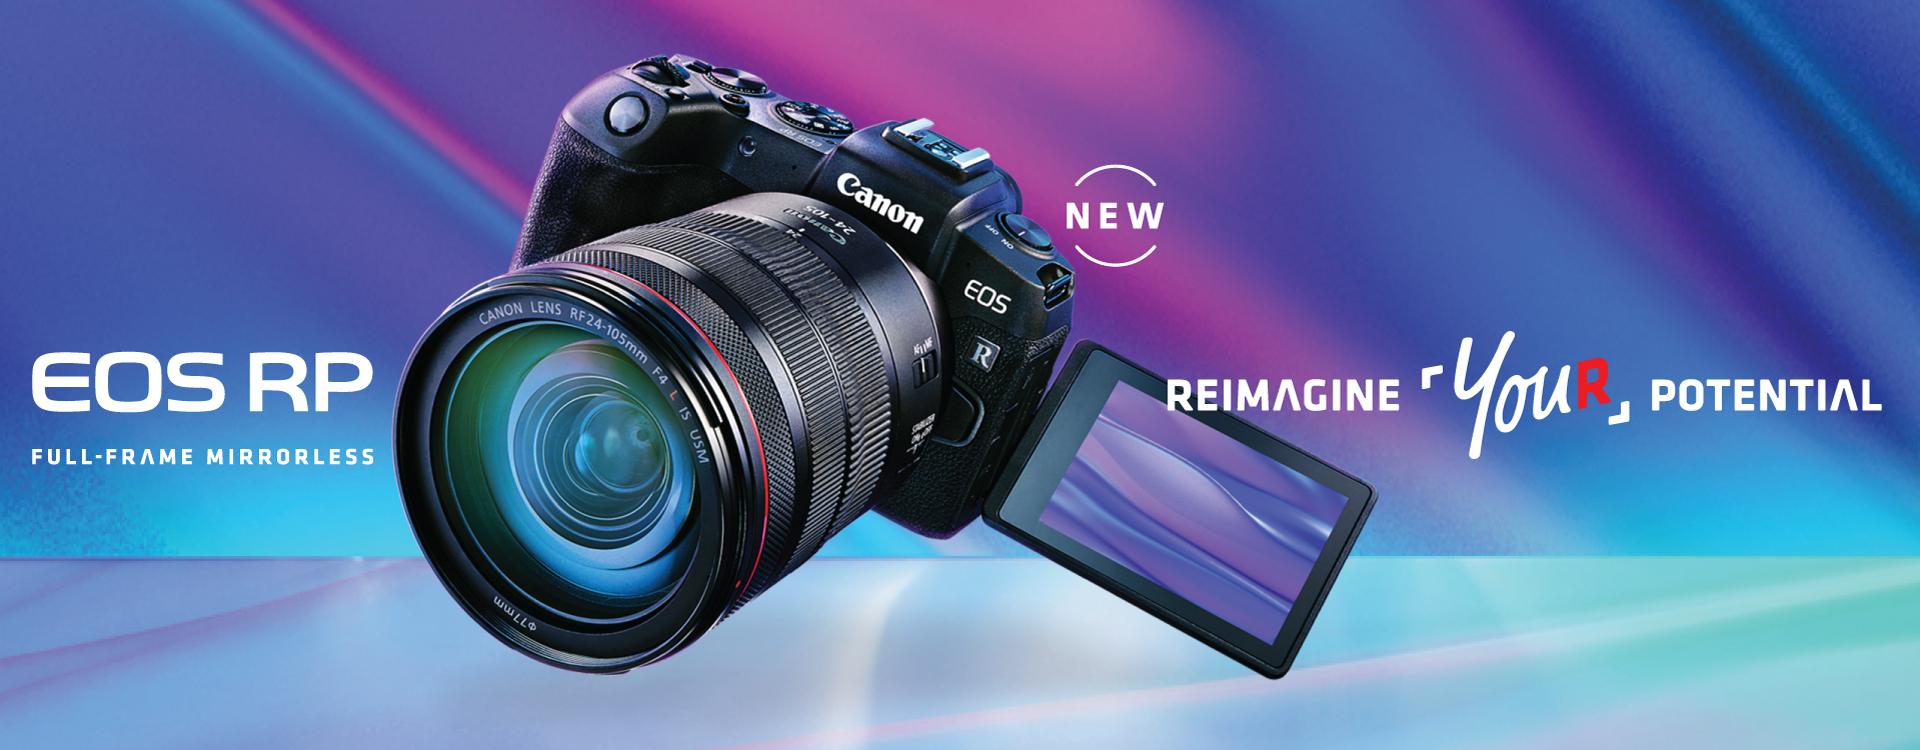 """58fdfcfe1757 เผยโฉม """"CANON EOS RP"""" กล้องมิเรอร์เลสฟูลเฟรม เล็กและเบาที่สุดจากแคนนอน  มาพร้อมความสามารถเต็มรูปแบบในระบบ EOS R System"""